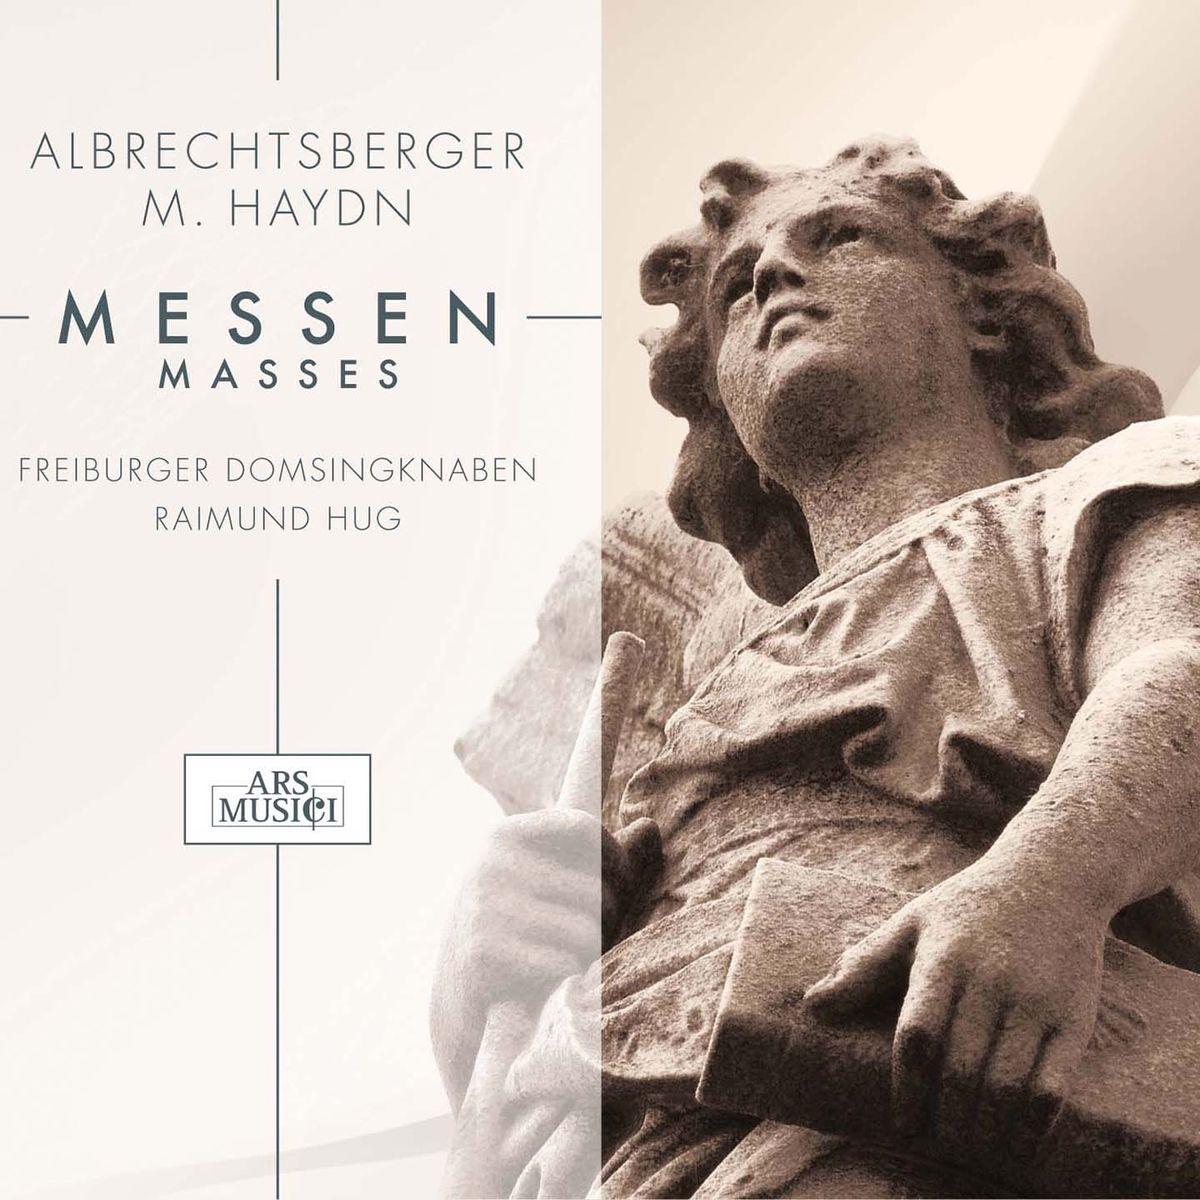 лучшая цена Тимоти Б. Шмит,Florian Schmitt Albrechtsberger, Michael Haydn. Messen Missa